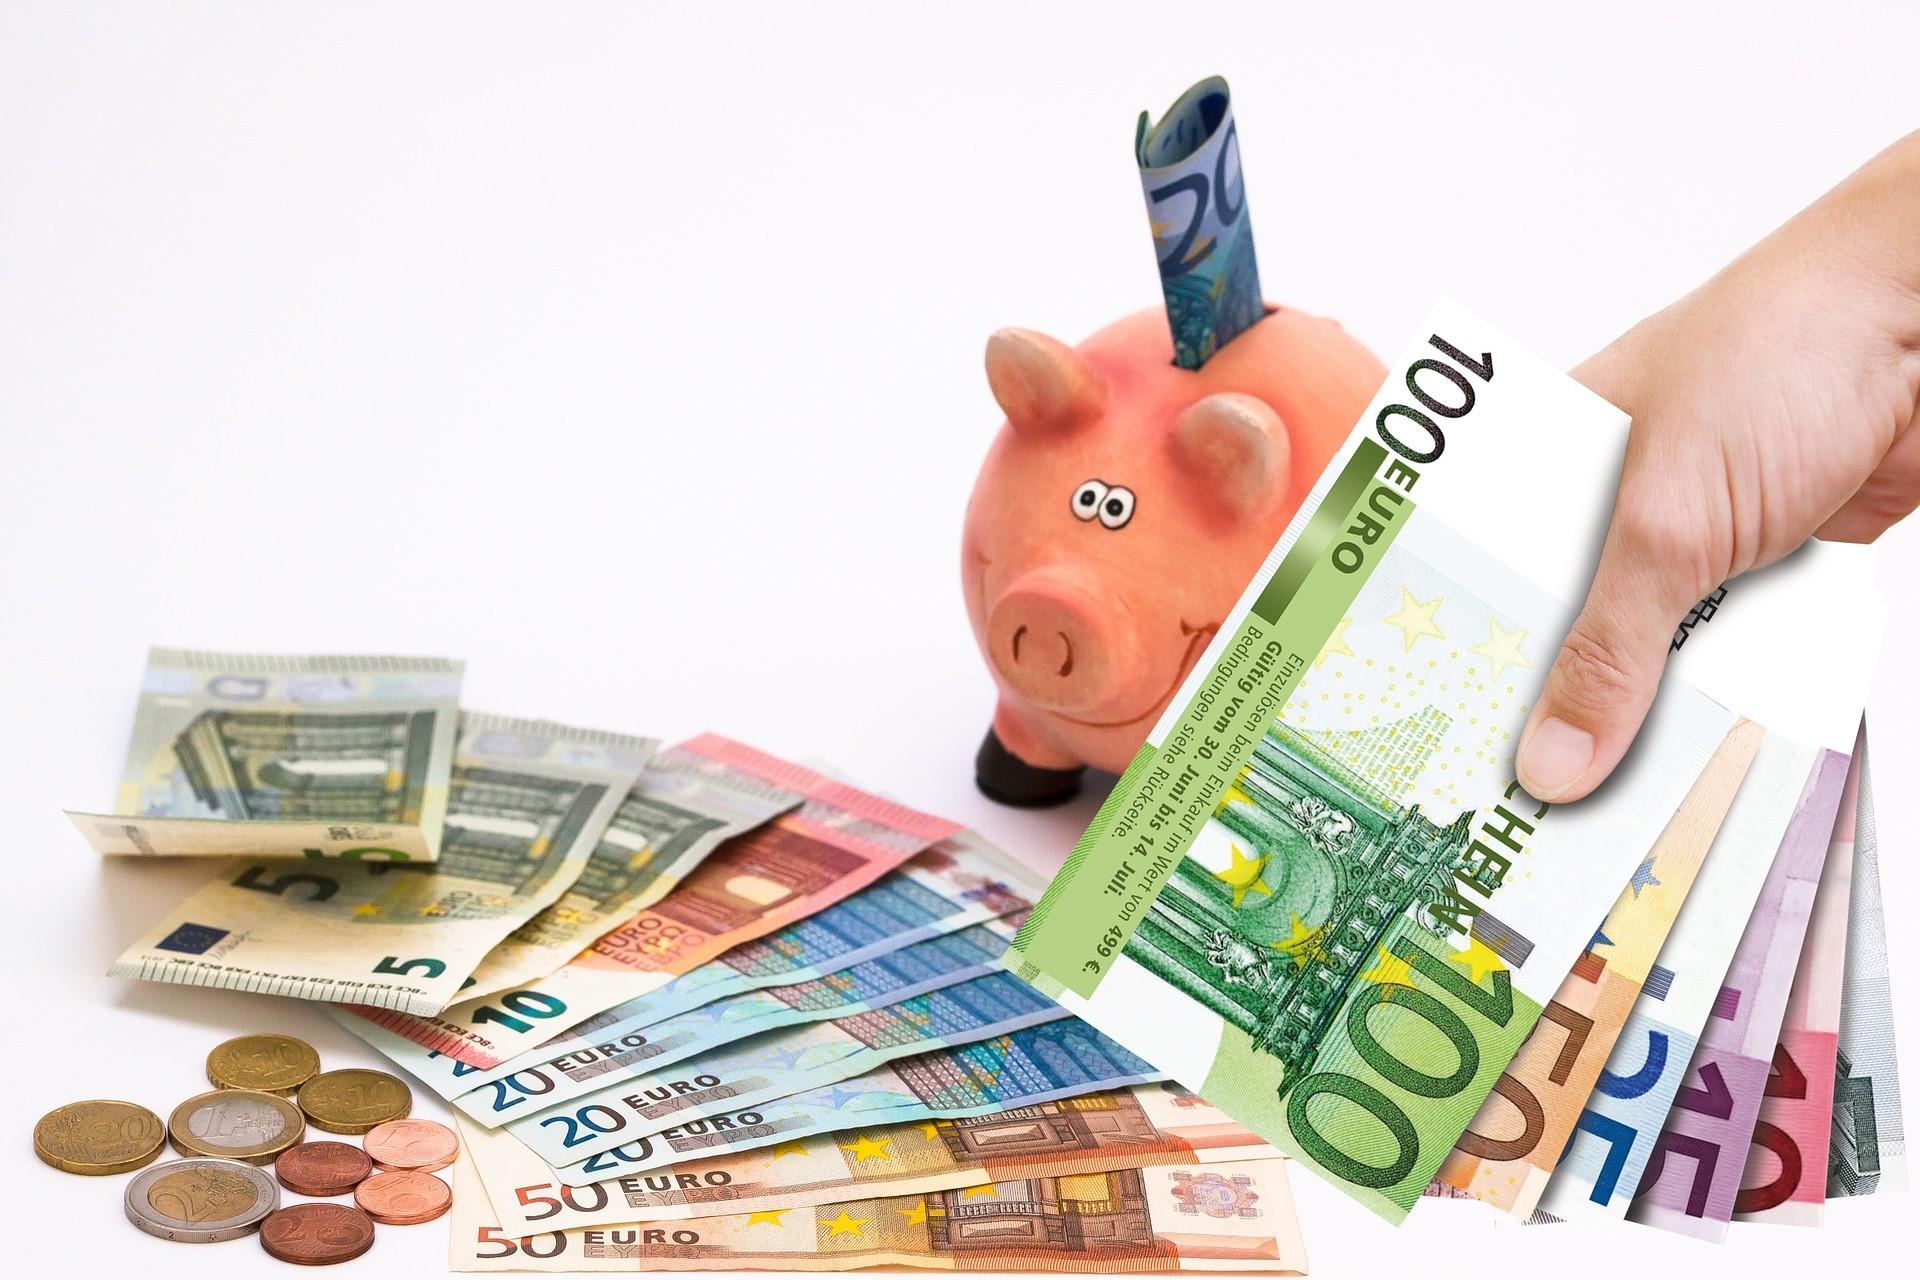 pinigai reikalingi prekybai opcionais)